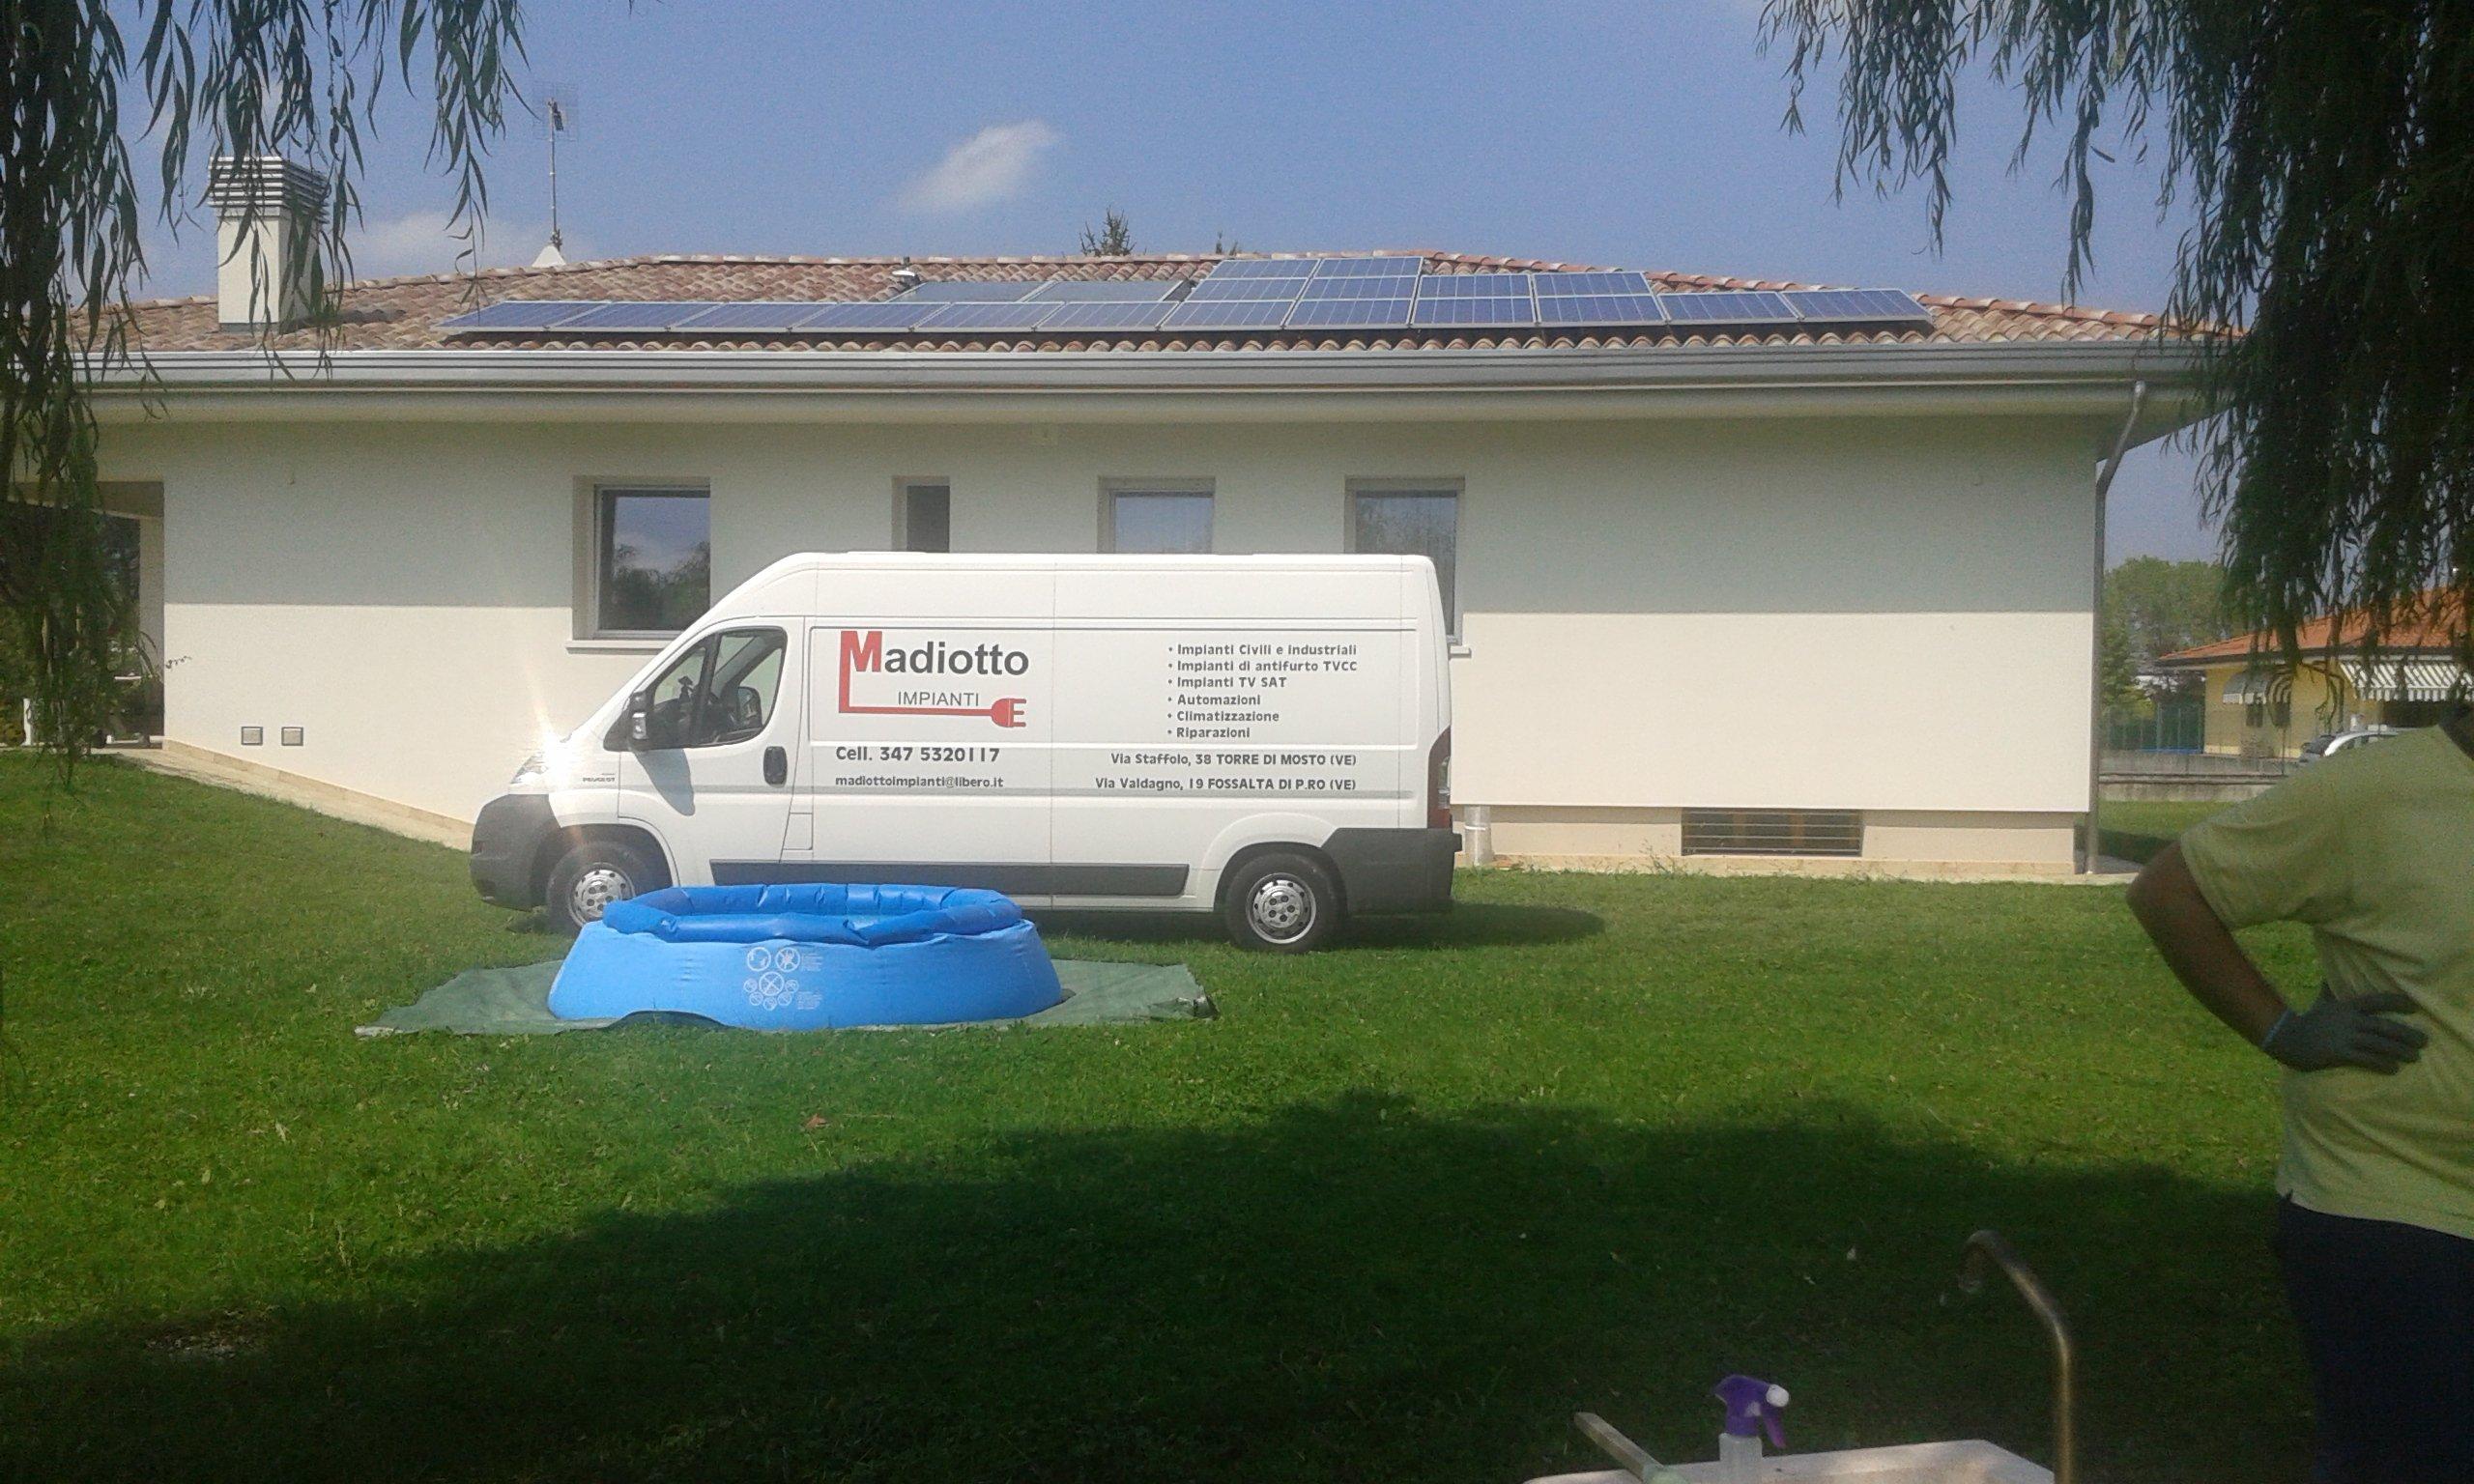 furgone della ditta di fronte a casa con impianto fotovoltaico installato